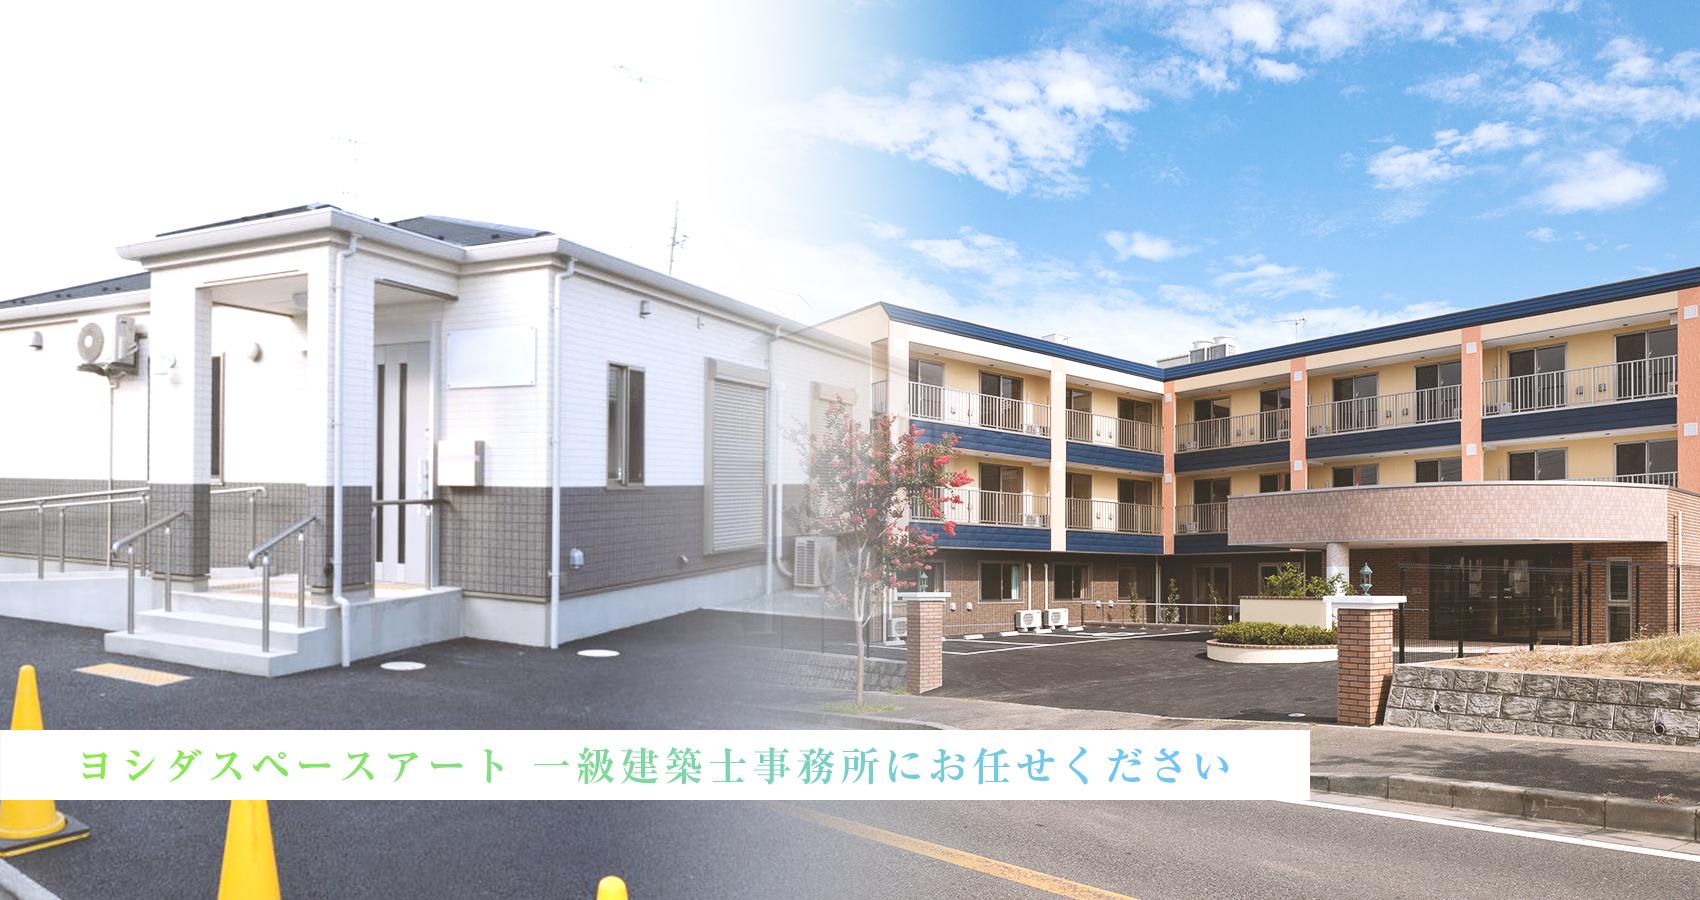 ヨシダスペースアート 一級建築士事務所にお任せください